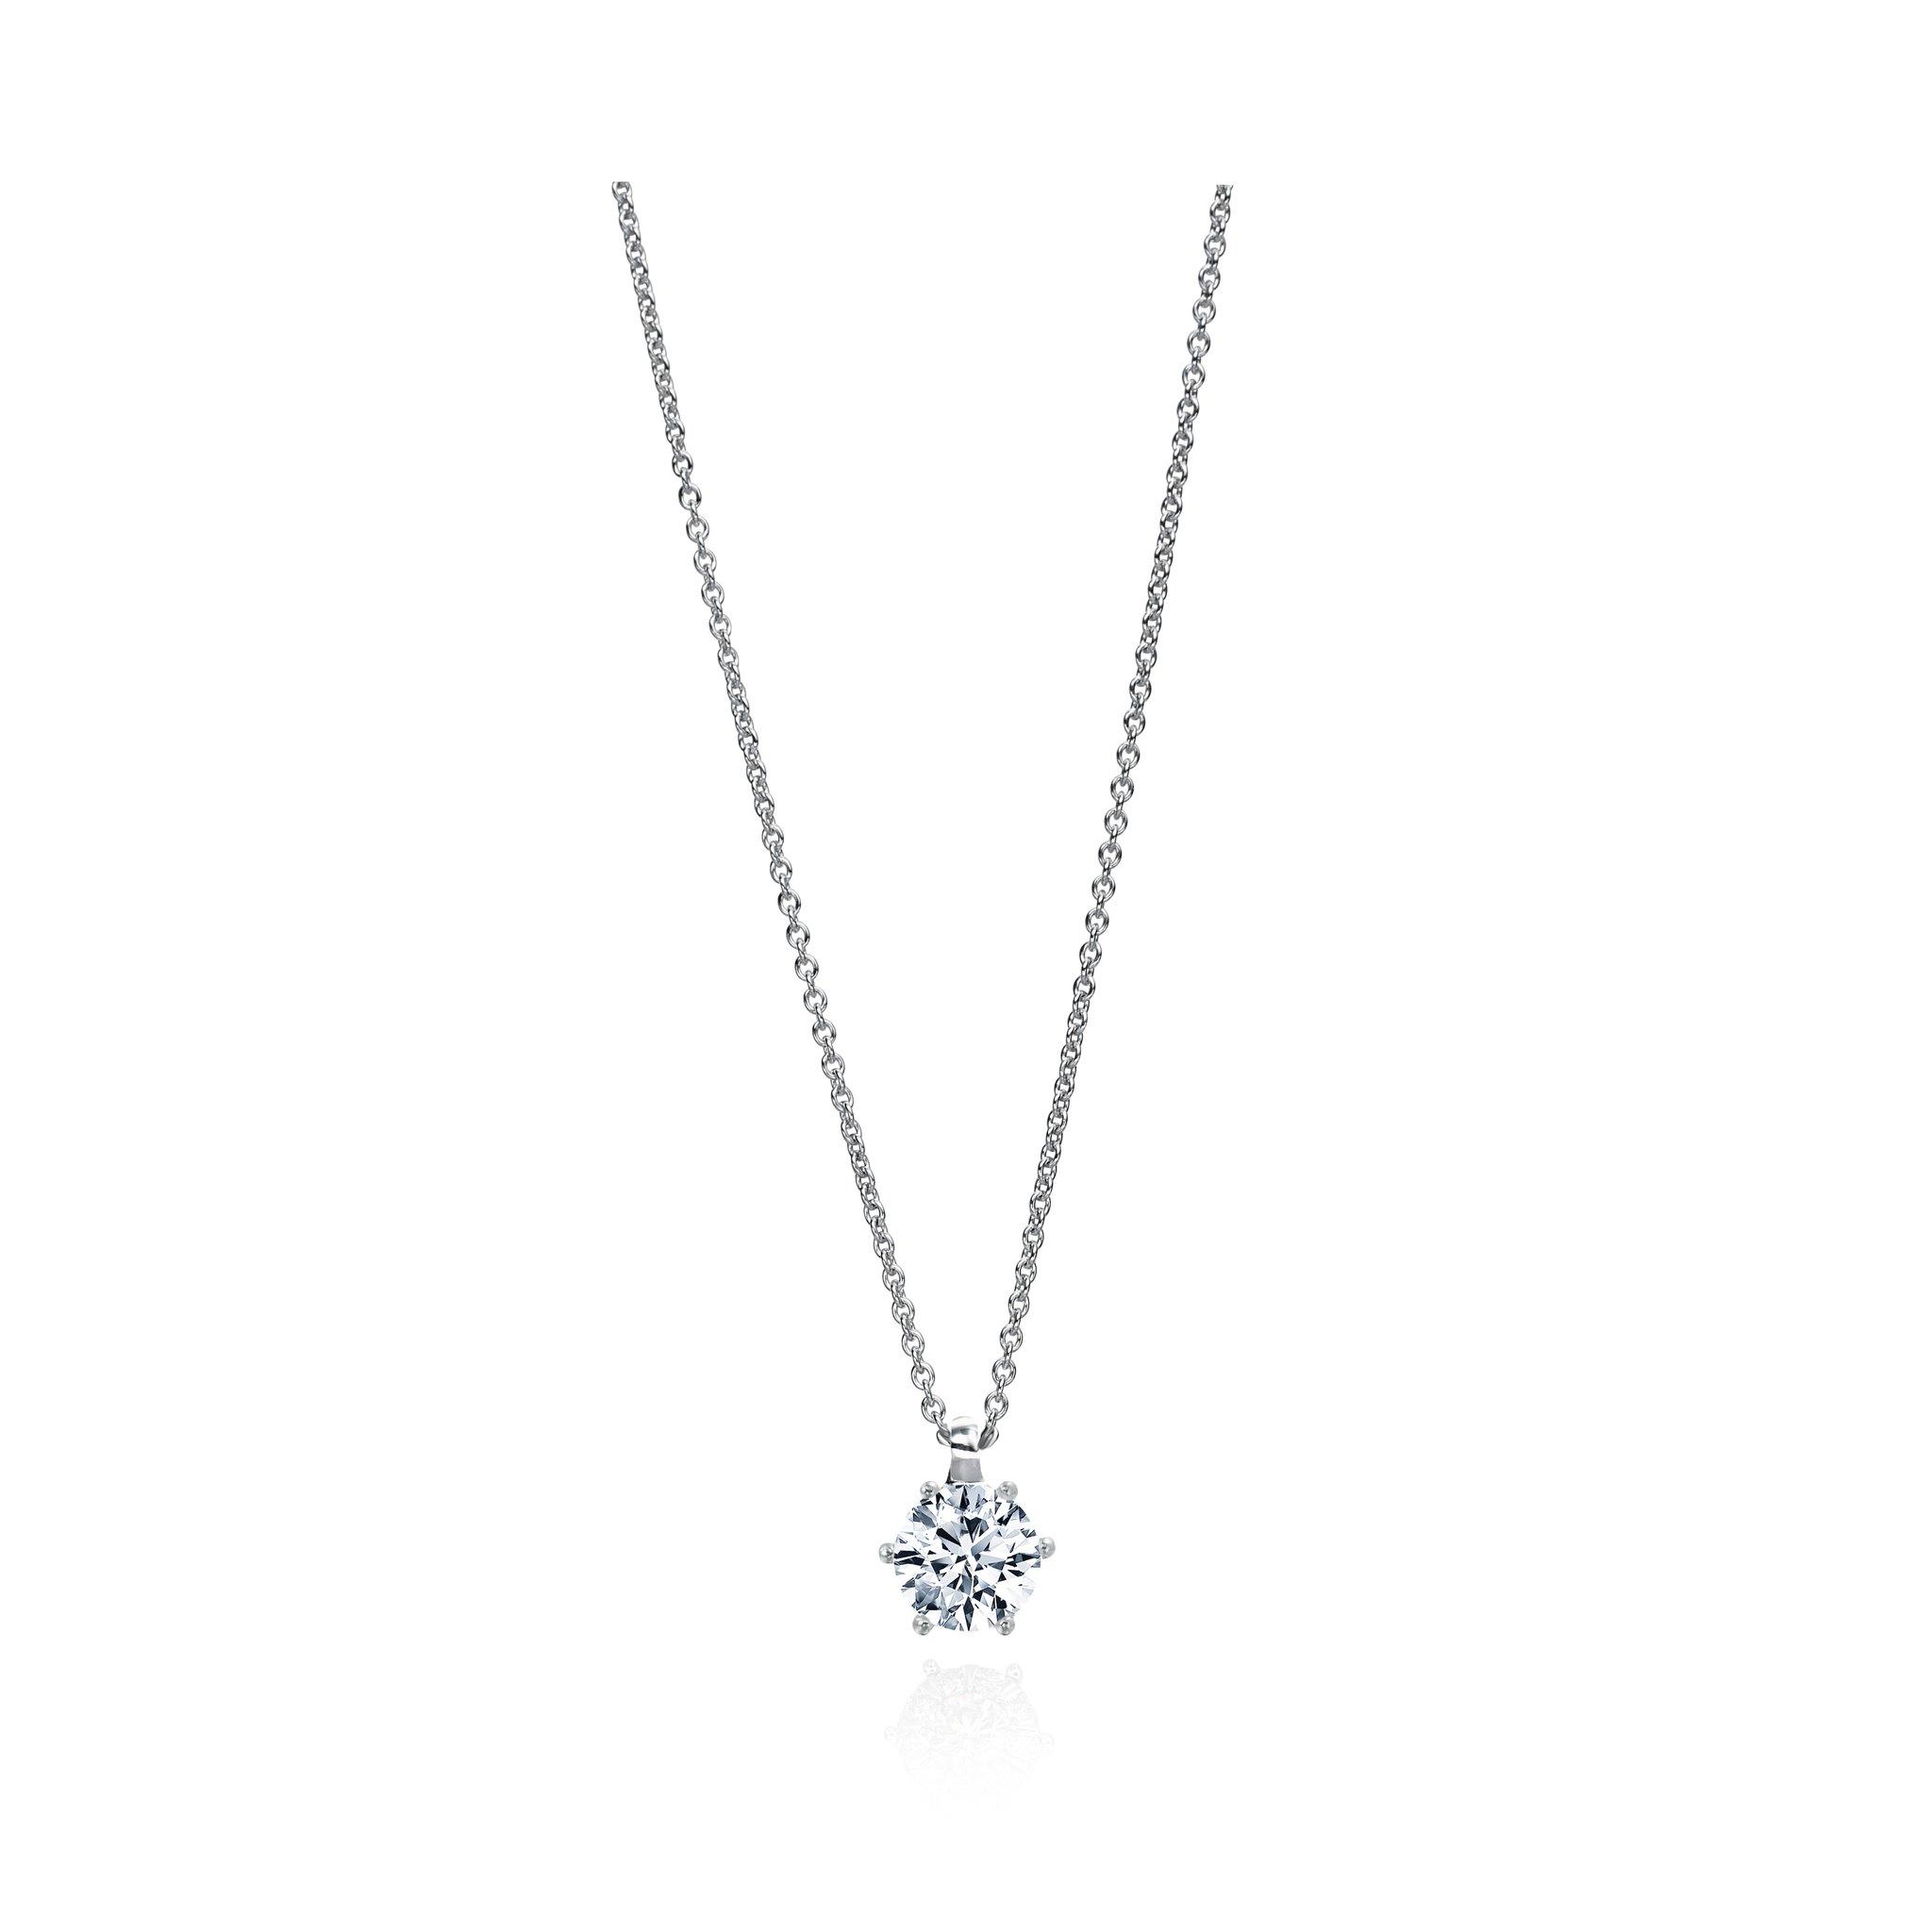 Diamantkette Juwelier Krebber Mönchengladbach